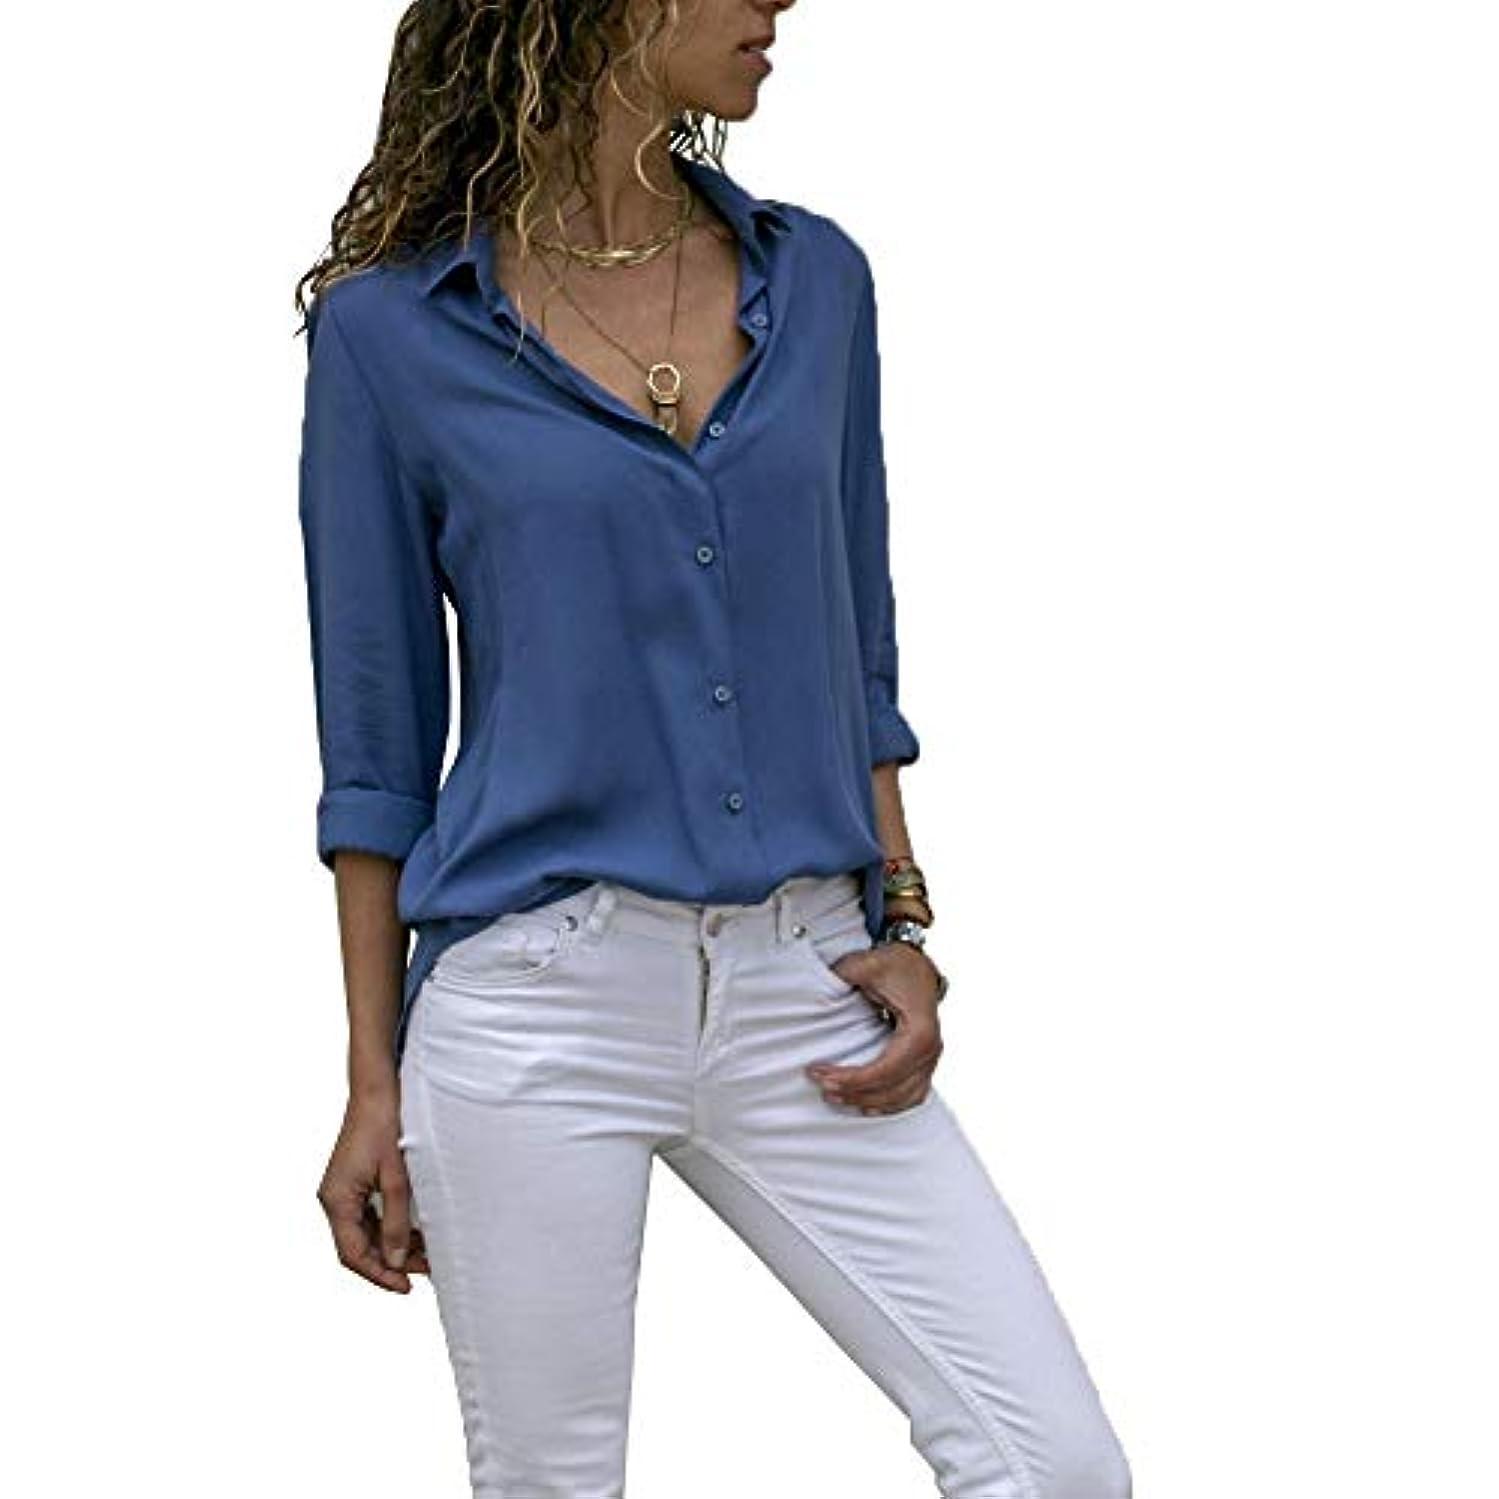 インカ帝国区画有利MIFAN ルーズシャツ、トップス&Tシャツ、プラスサイズ、トップス&ブラウス、シフォンブラウス、女性トップス、シフォンシャツ